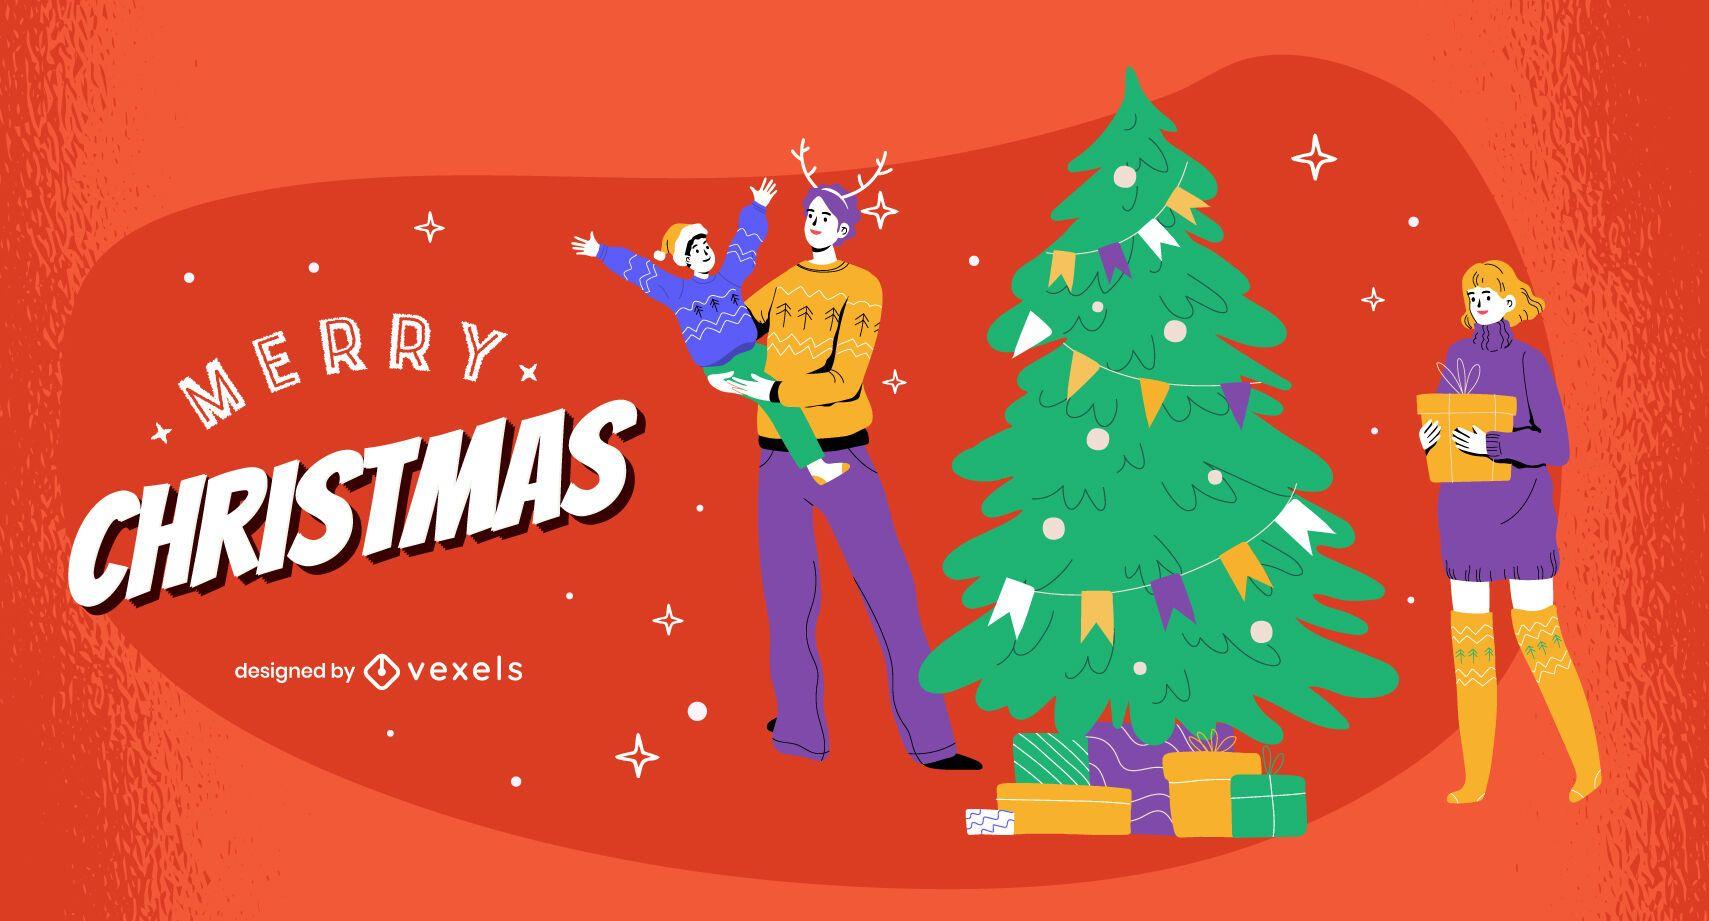 Merry christmas family illustration design